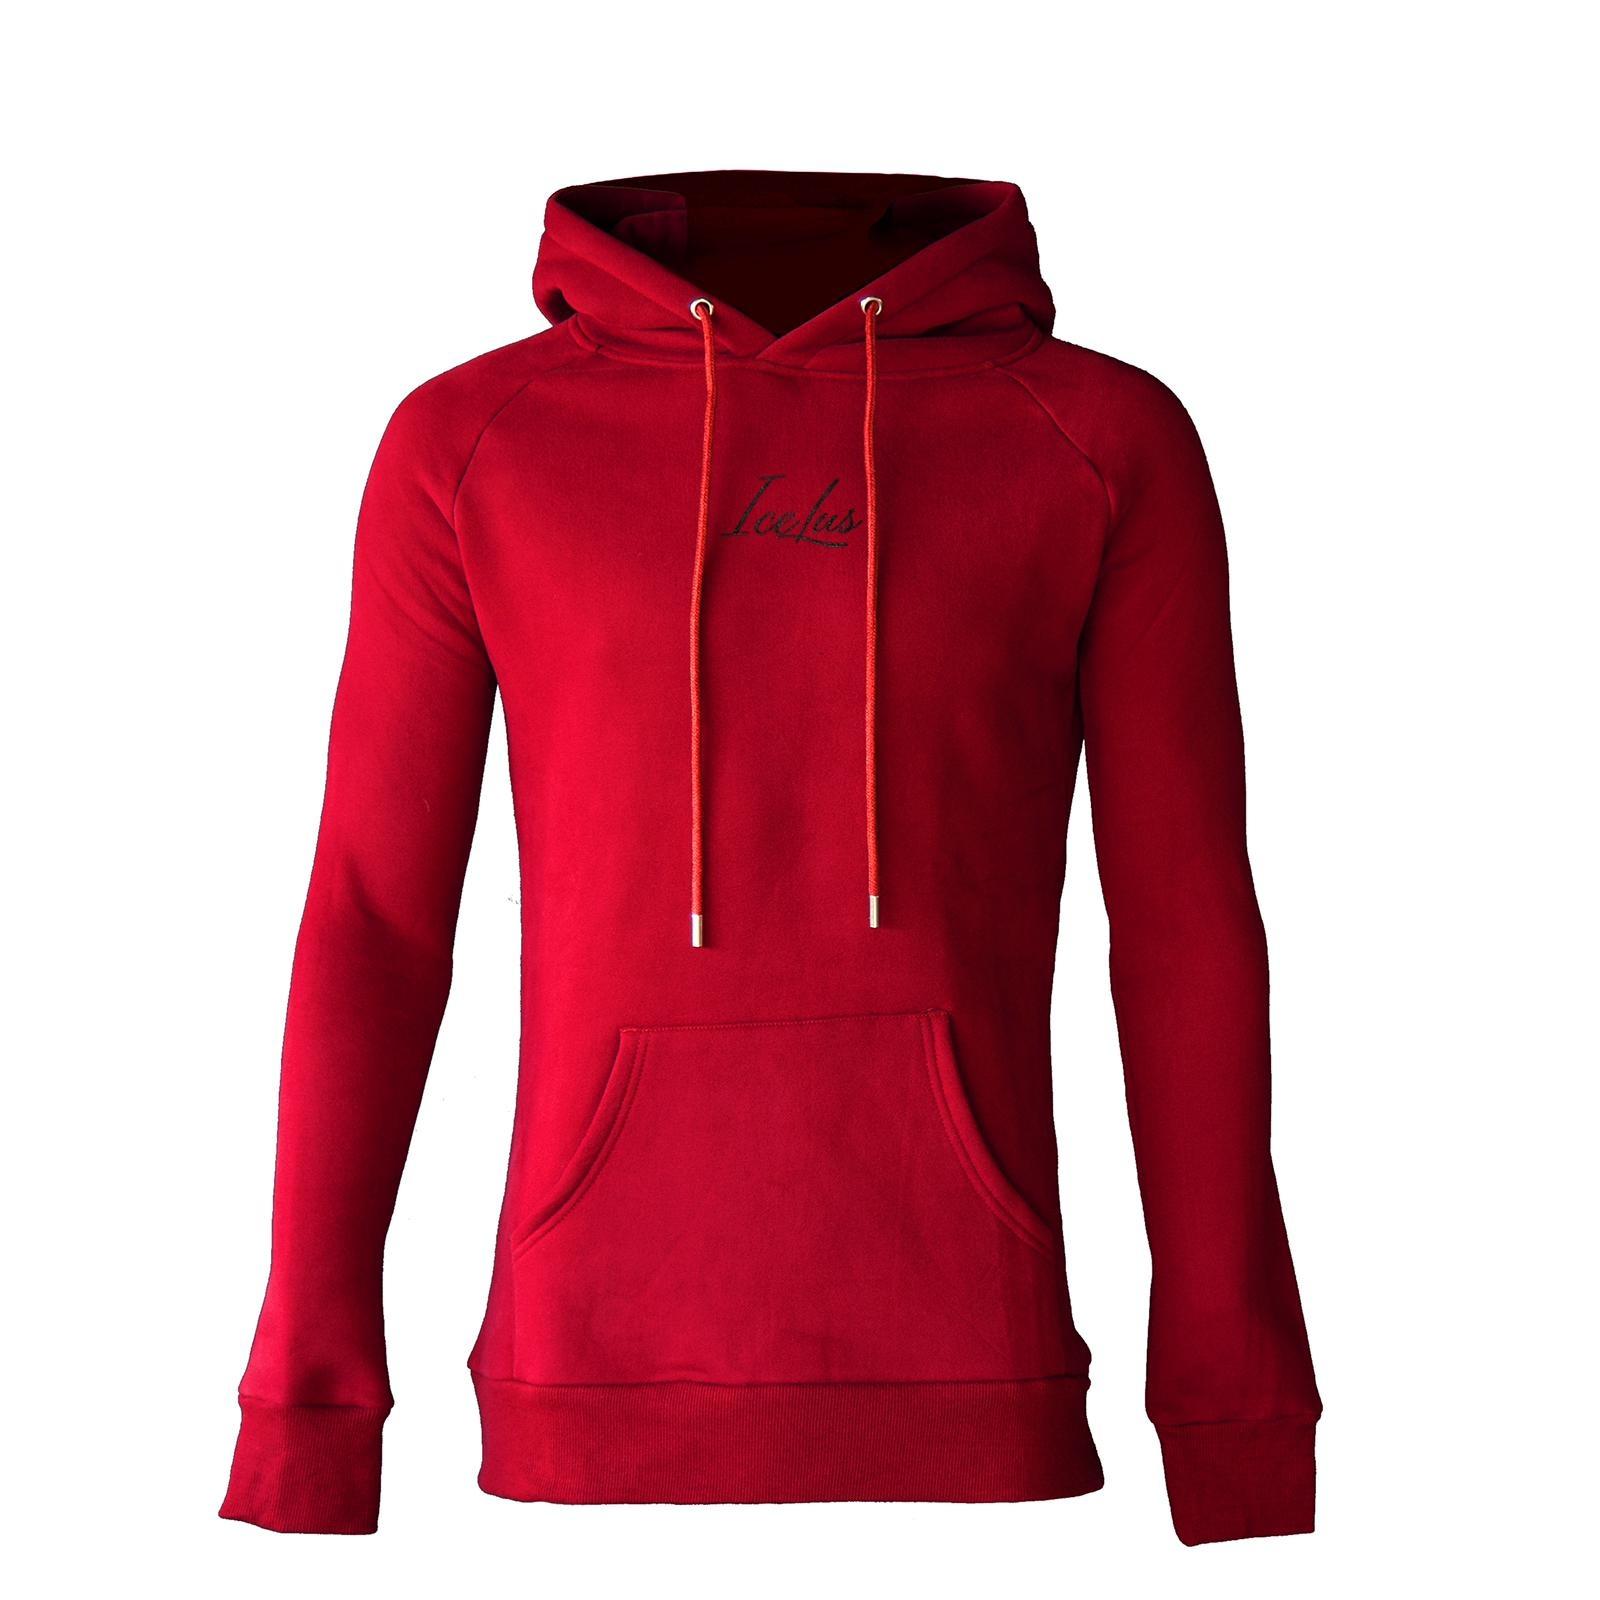 Icelus Hoodie Red